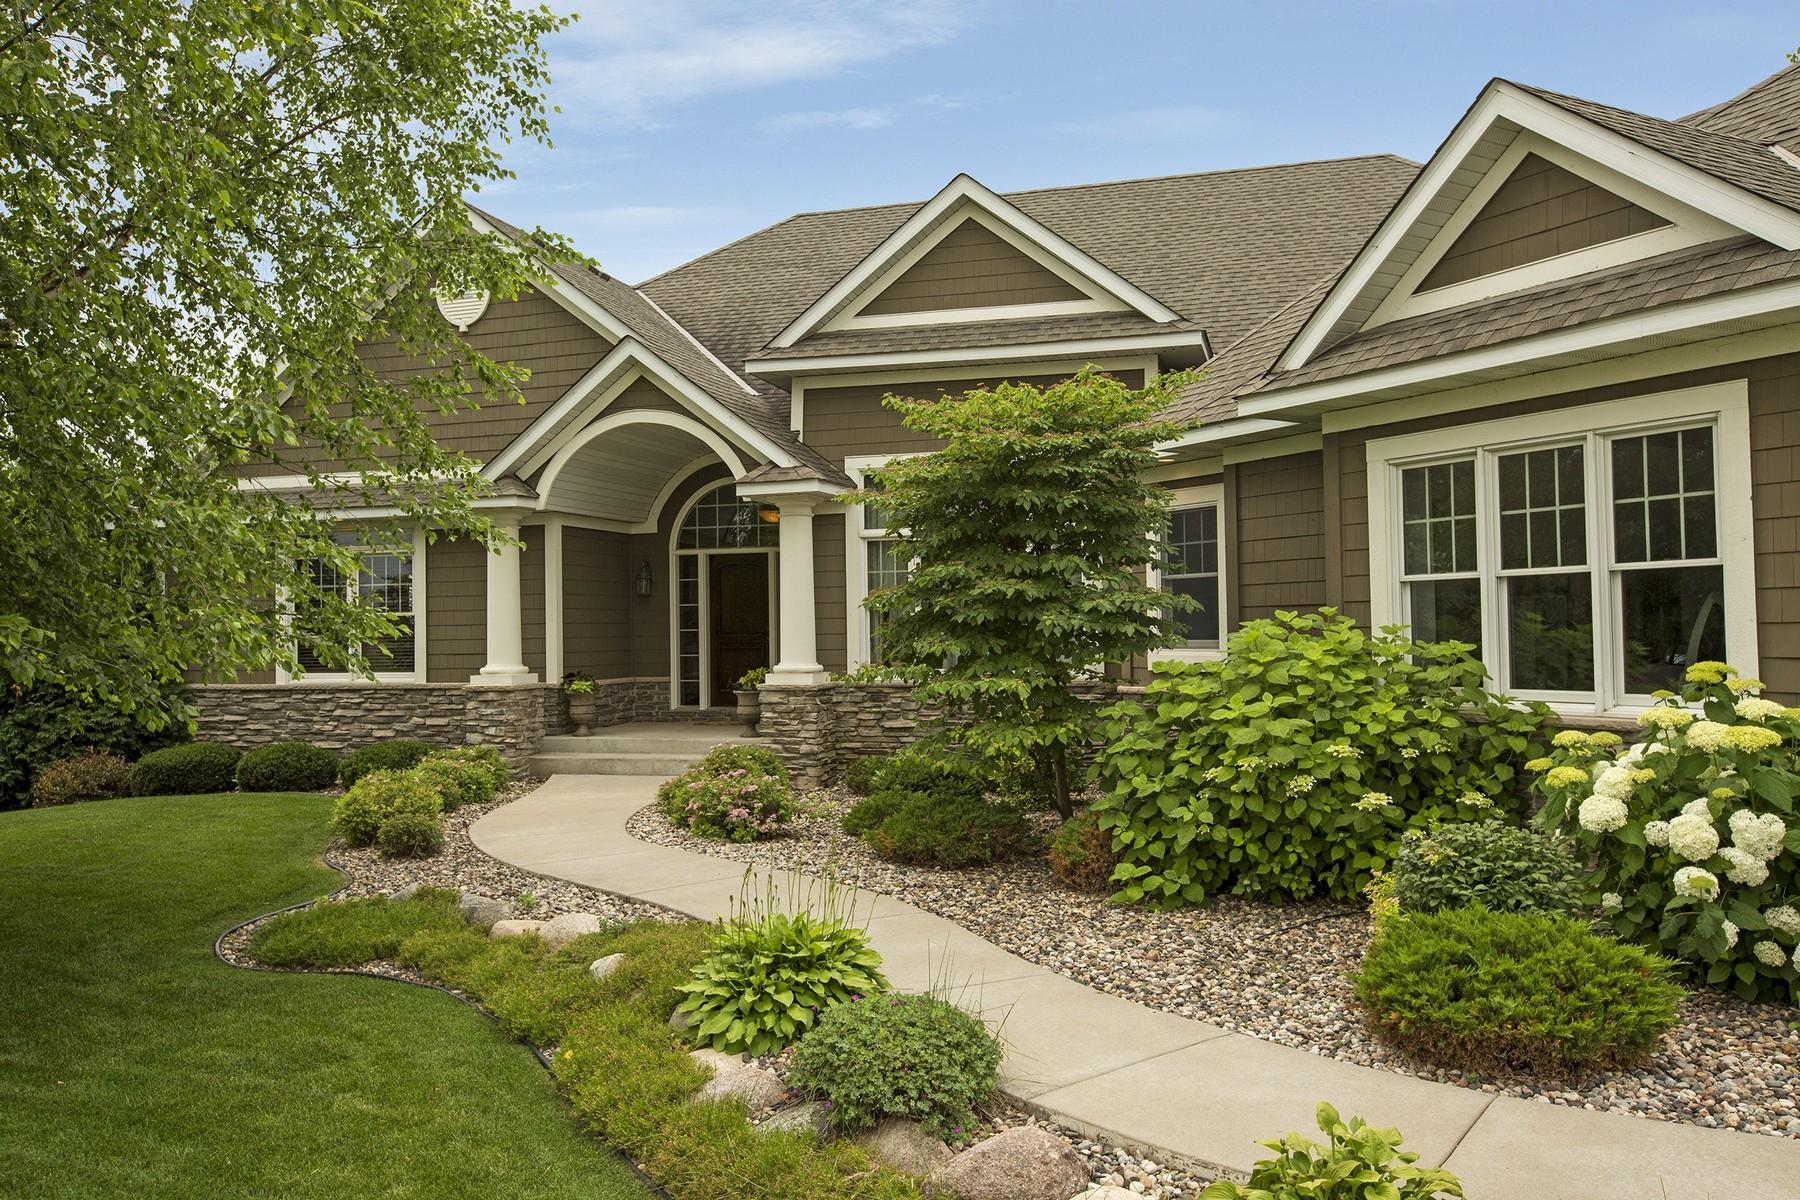 Maison unifamiliale pour l Vente à 2924 Fairway Drive Chaska, Minnesota 55318 États-Unis